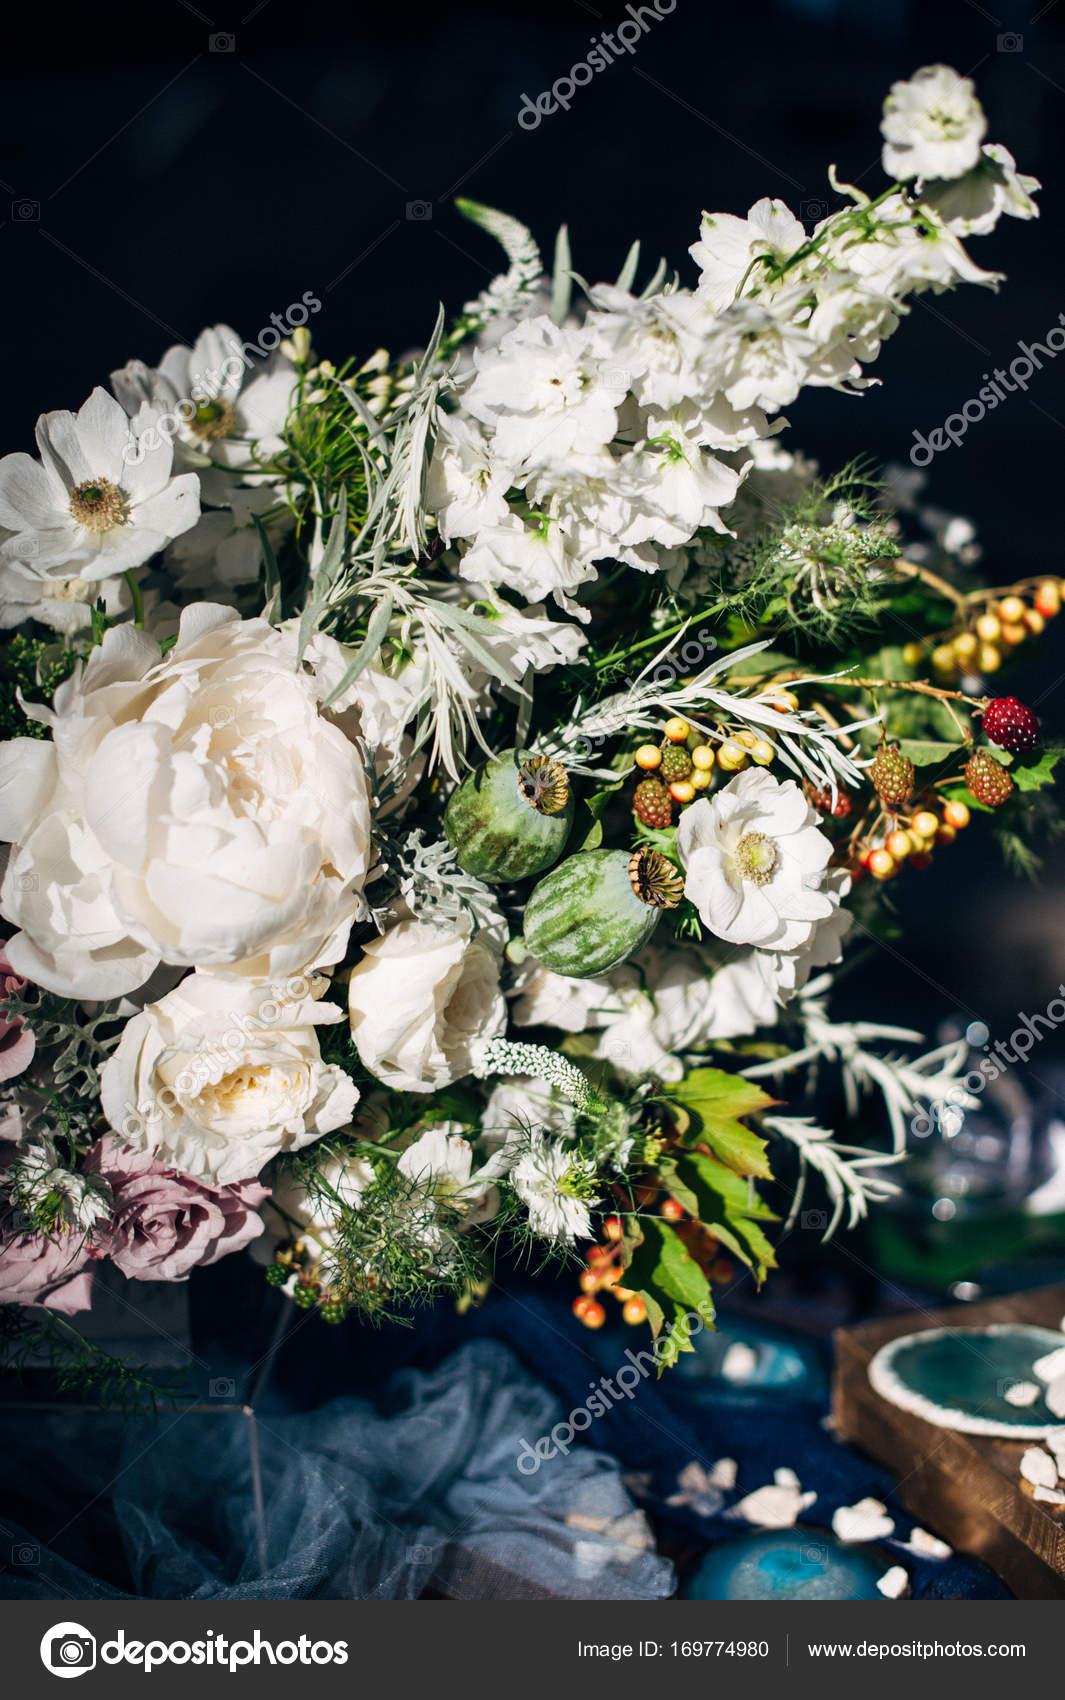 abendessen im stil boho f r zwei personen mit holz schreibtisch ein bouquet von wei en blumen. Black Bedroom Furniture Sets. Home Design Ideas